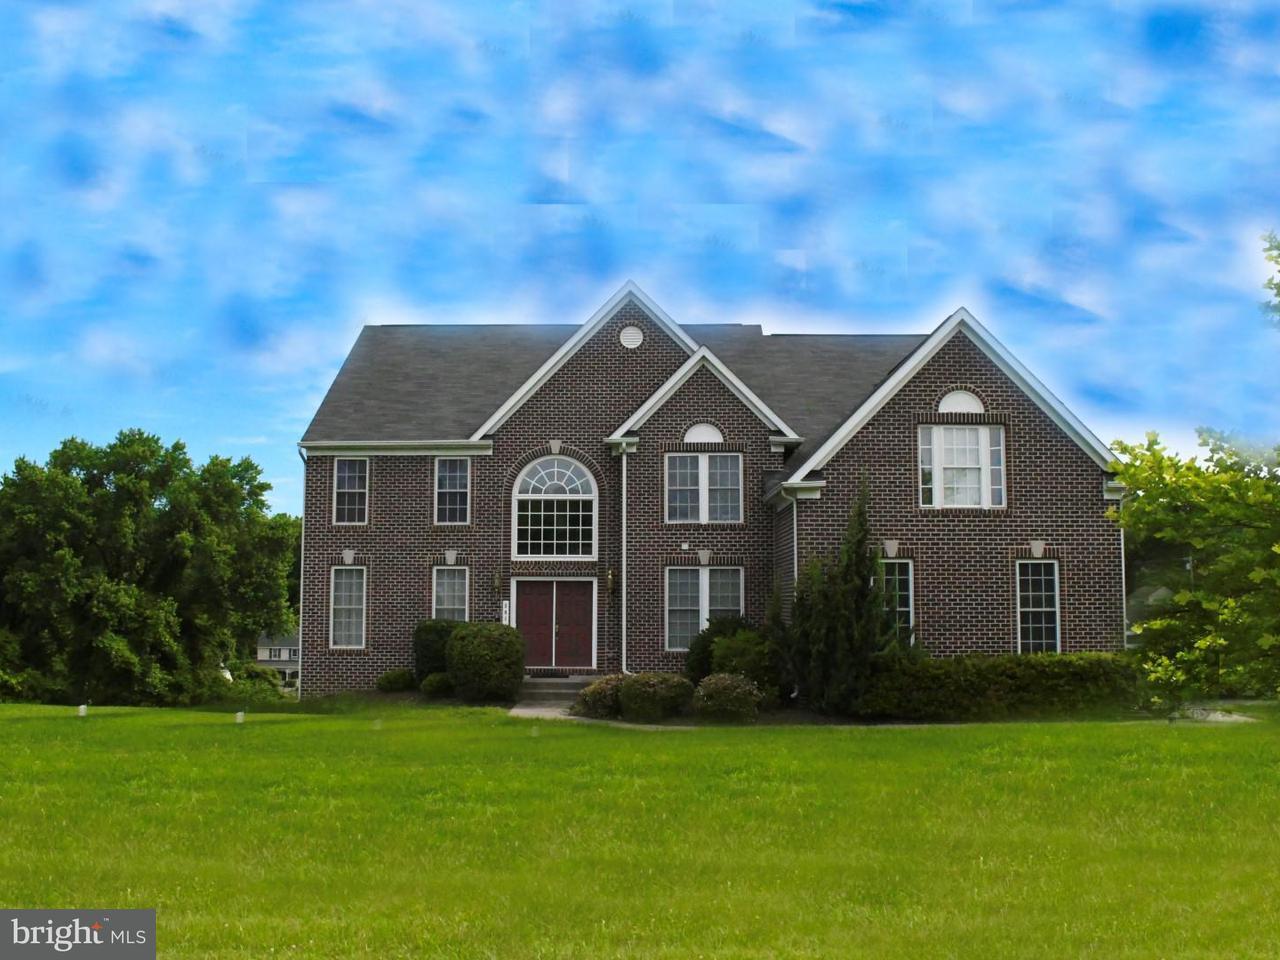 Vivienda unifamiliar por un Venta en 3014 Edrich Way 3014 Edrich Way Randallstown, Maryland 21133 Estados Unidos